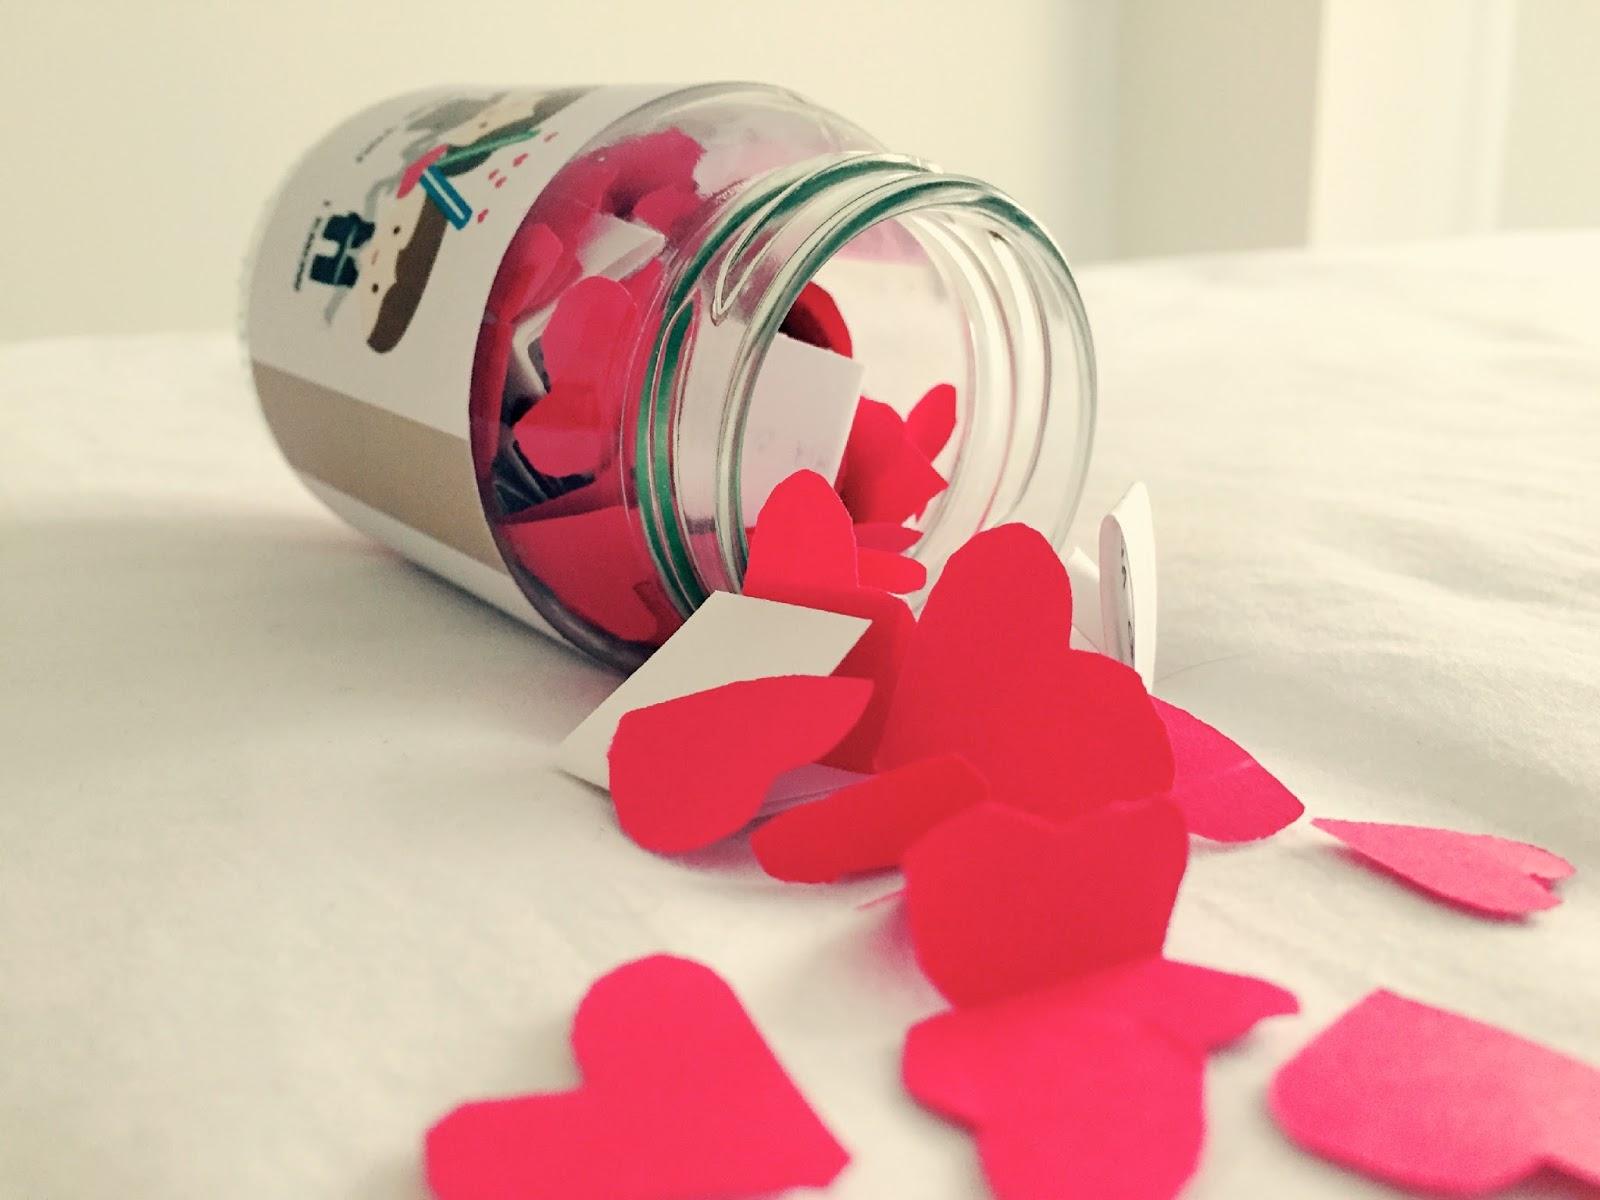 Regalos originales handmade para aniversarios lovely life for Regalo especial aniversario